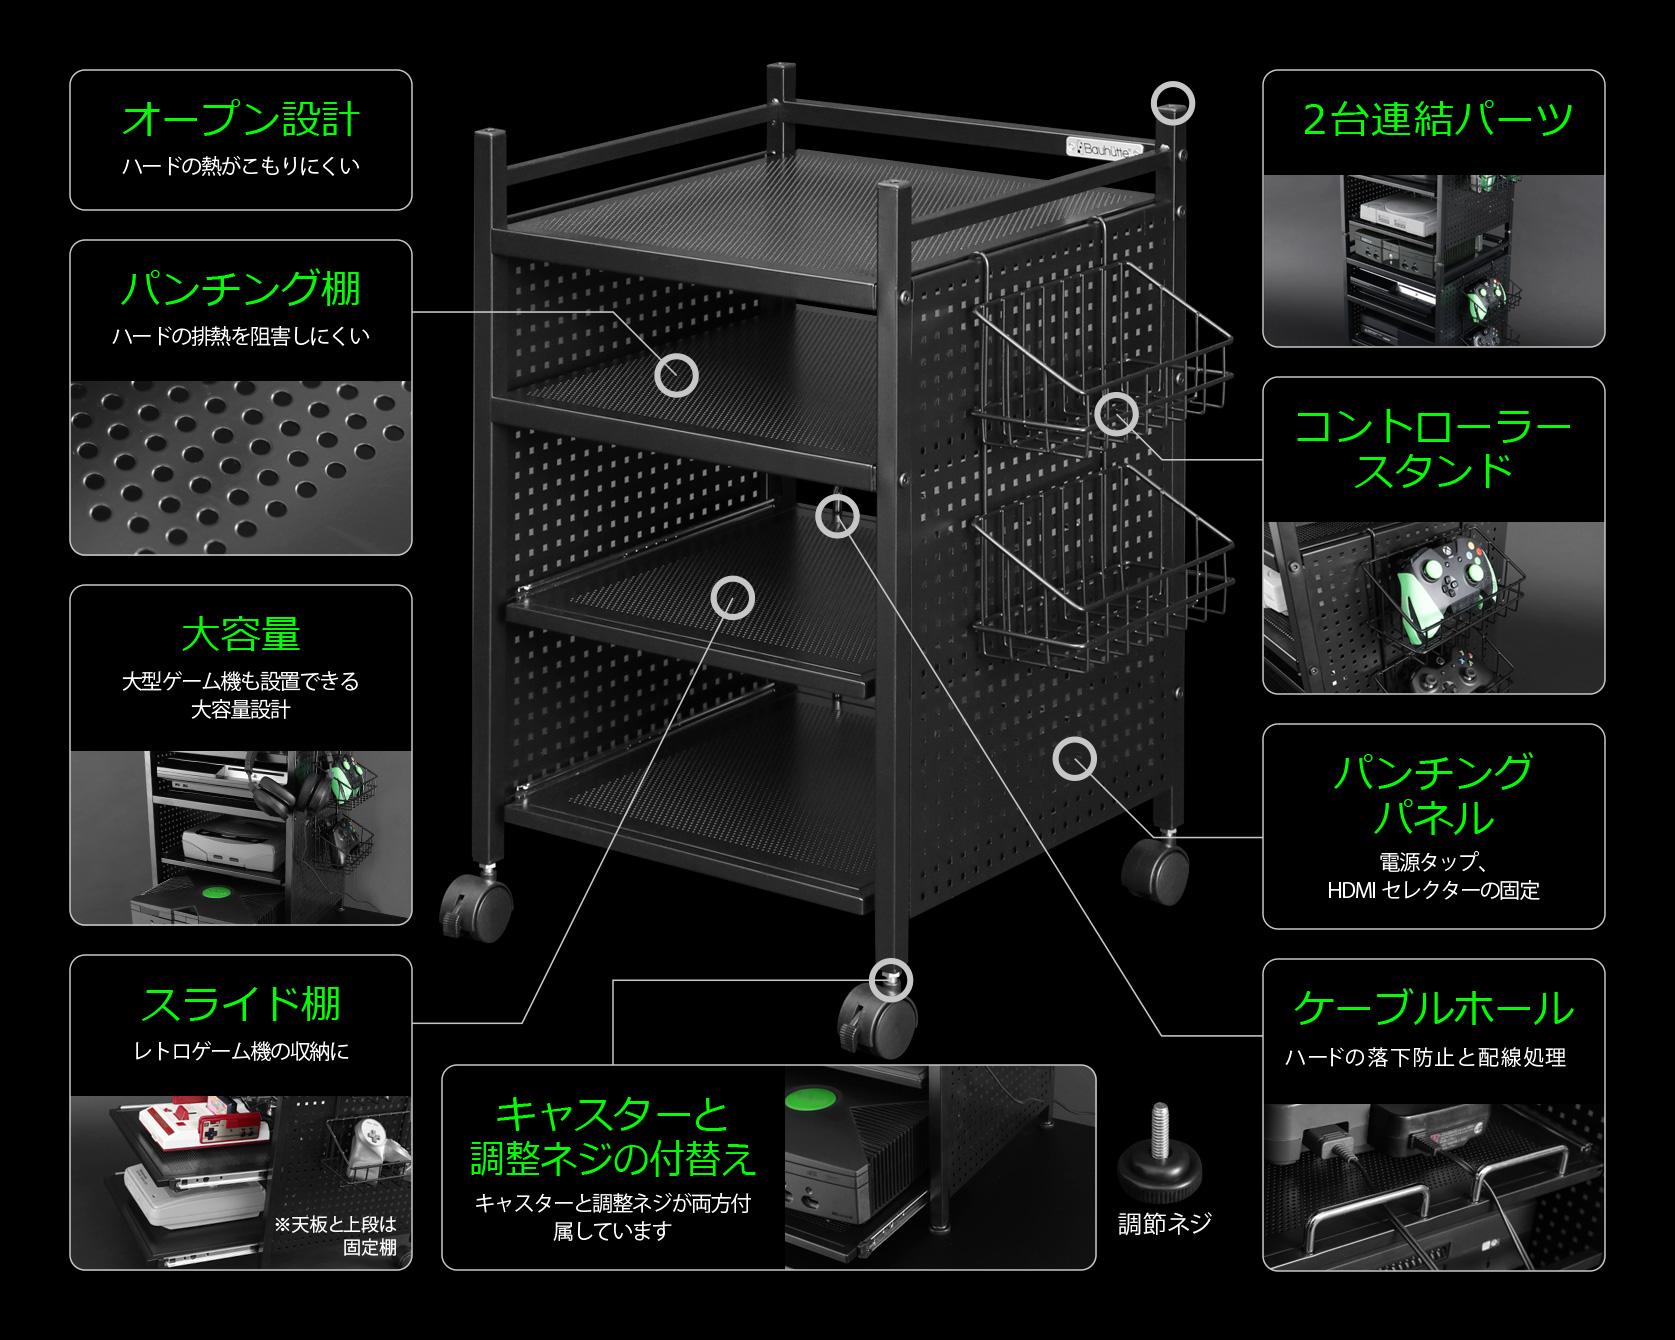 ⑥昇降式ブックシェルフを使ったゲーム機の収納アイデア